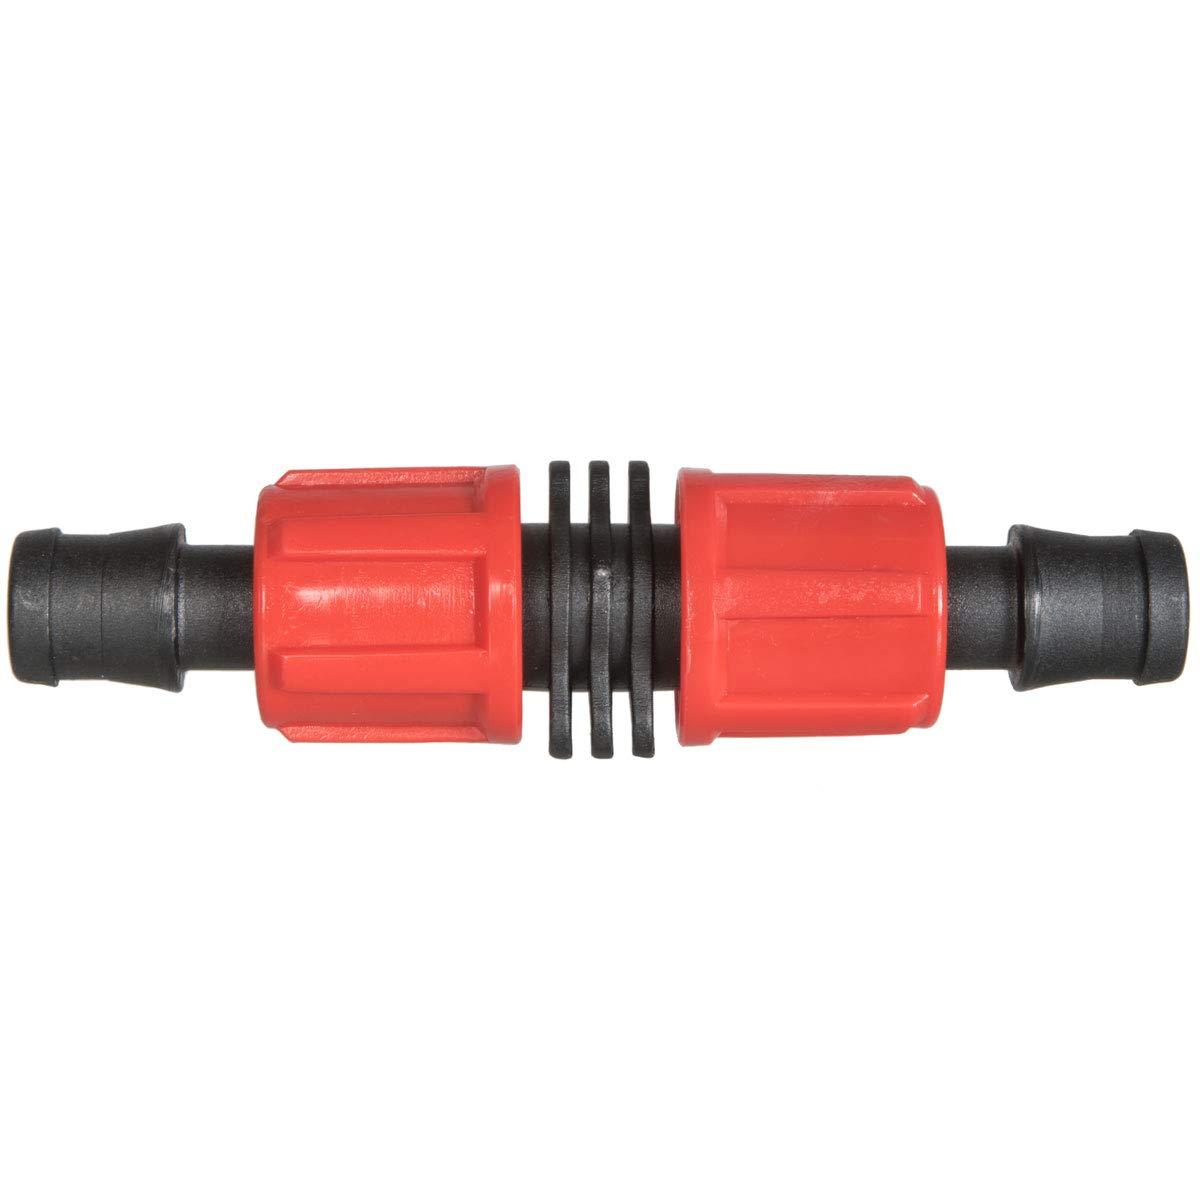 HBZ-05 HOLZBRINK 5X Raccordo 16 mm 5//8 per Il Collegamento dei Tubi e Linee di Gocciolamento